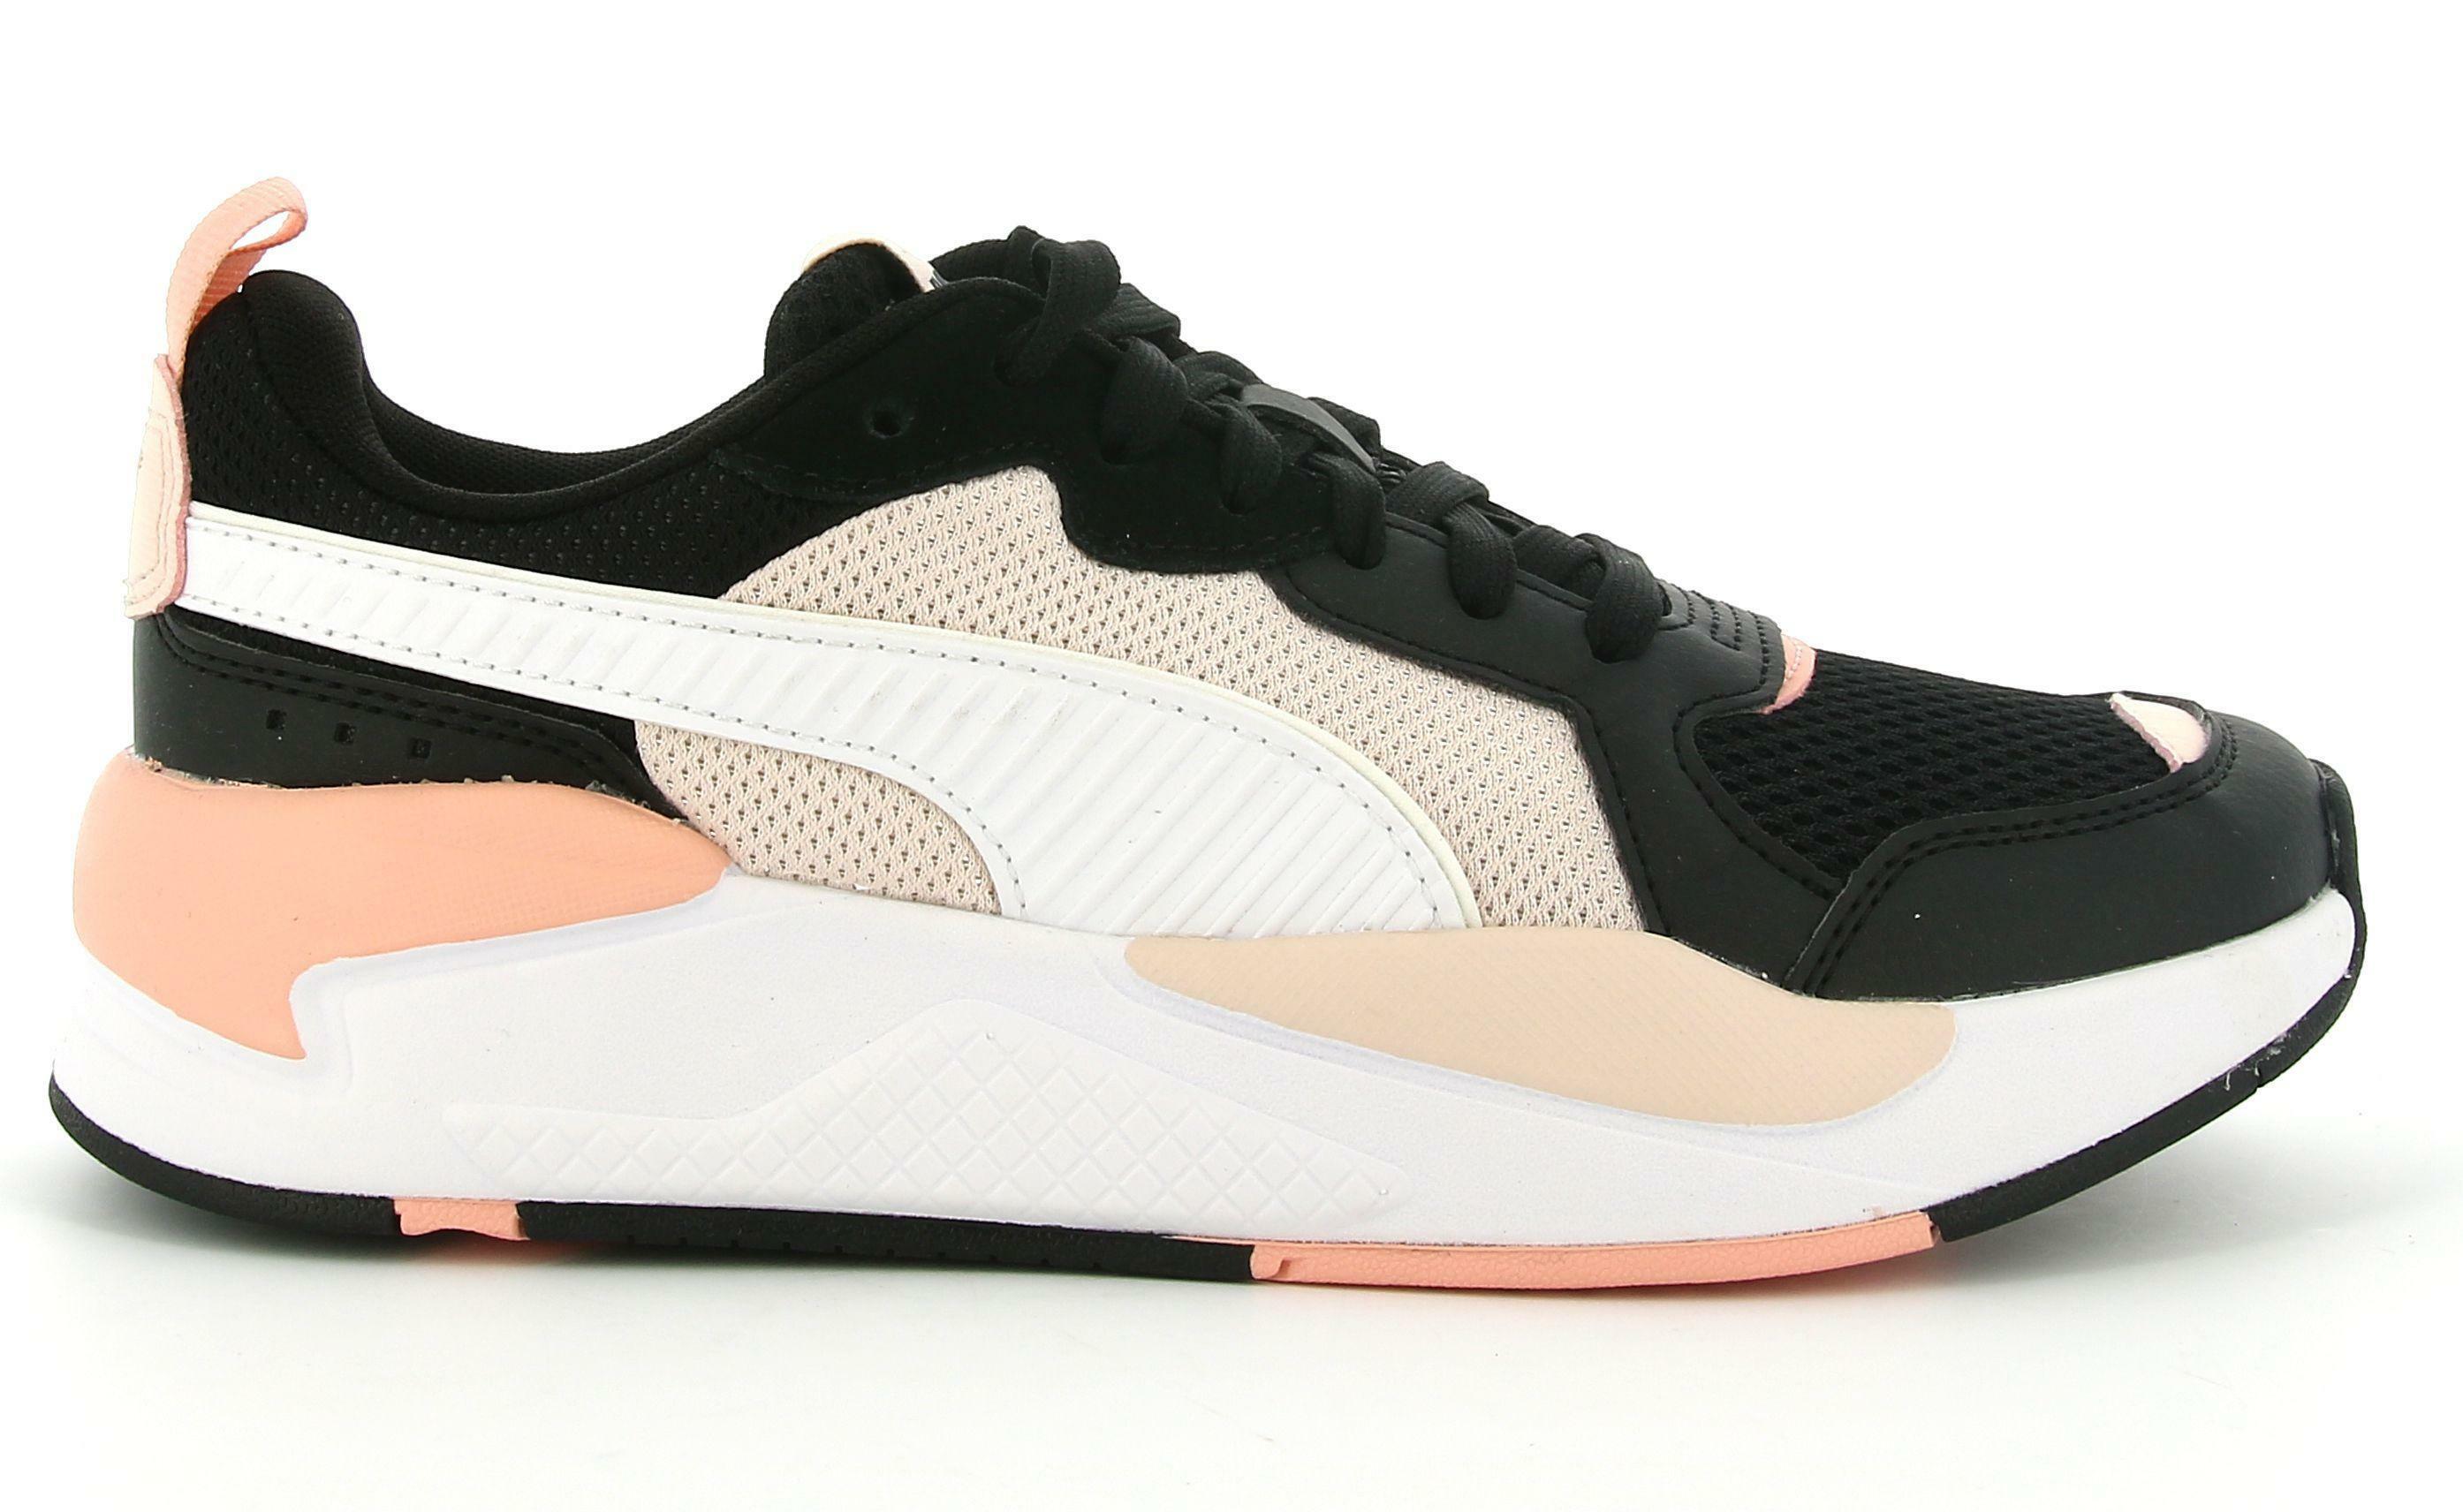 puma puma x-ray 372602 027 sneaker donna nera